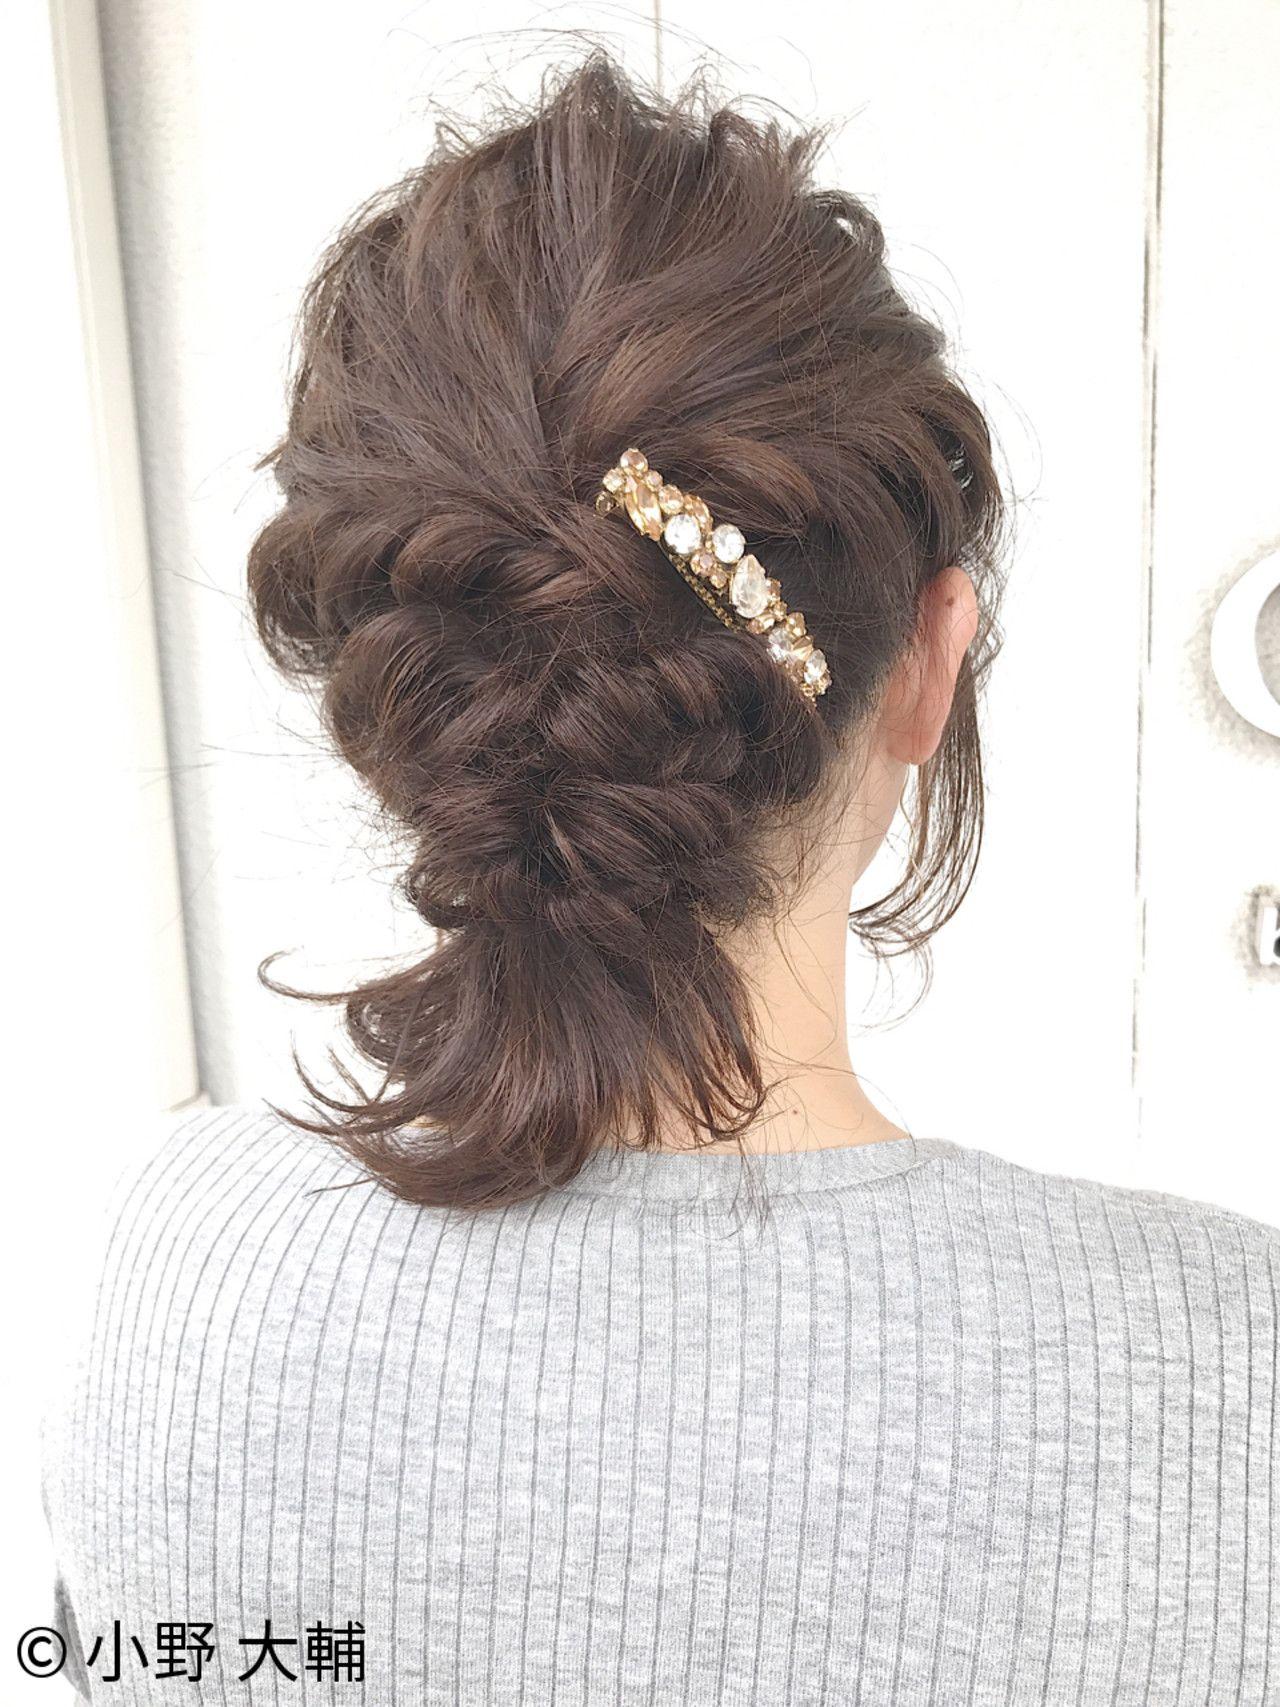 ボブスタイルのヘアアレンジ 結婚式 デート 浴衣にも似合うヘア